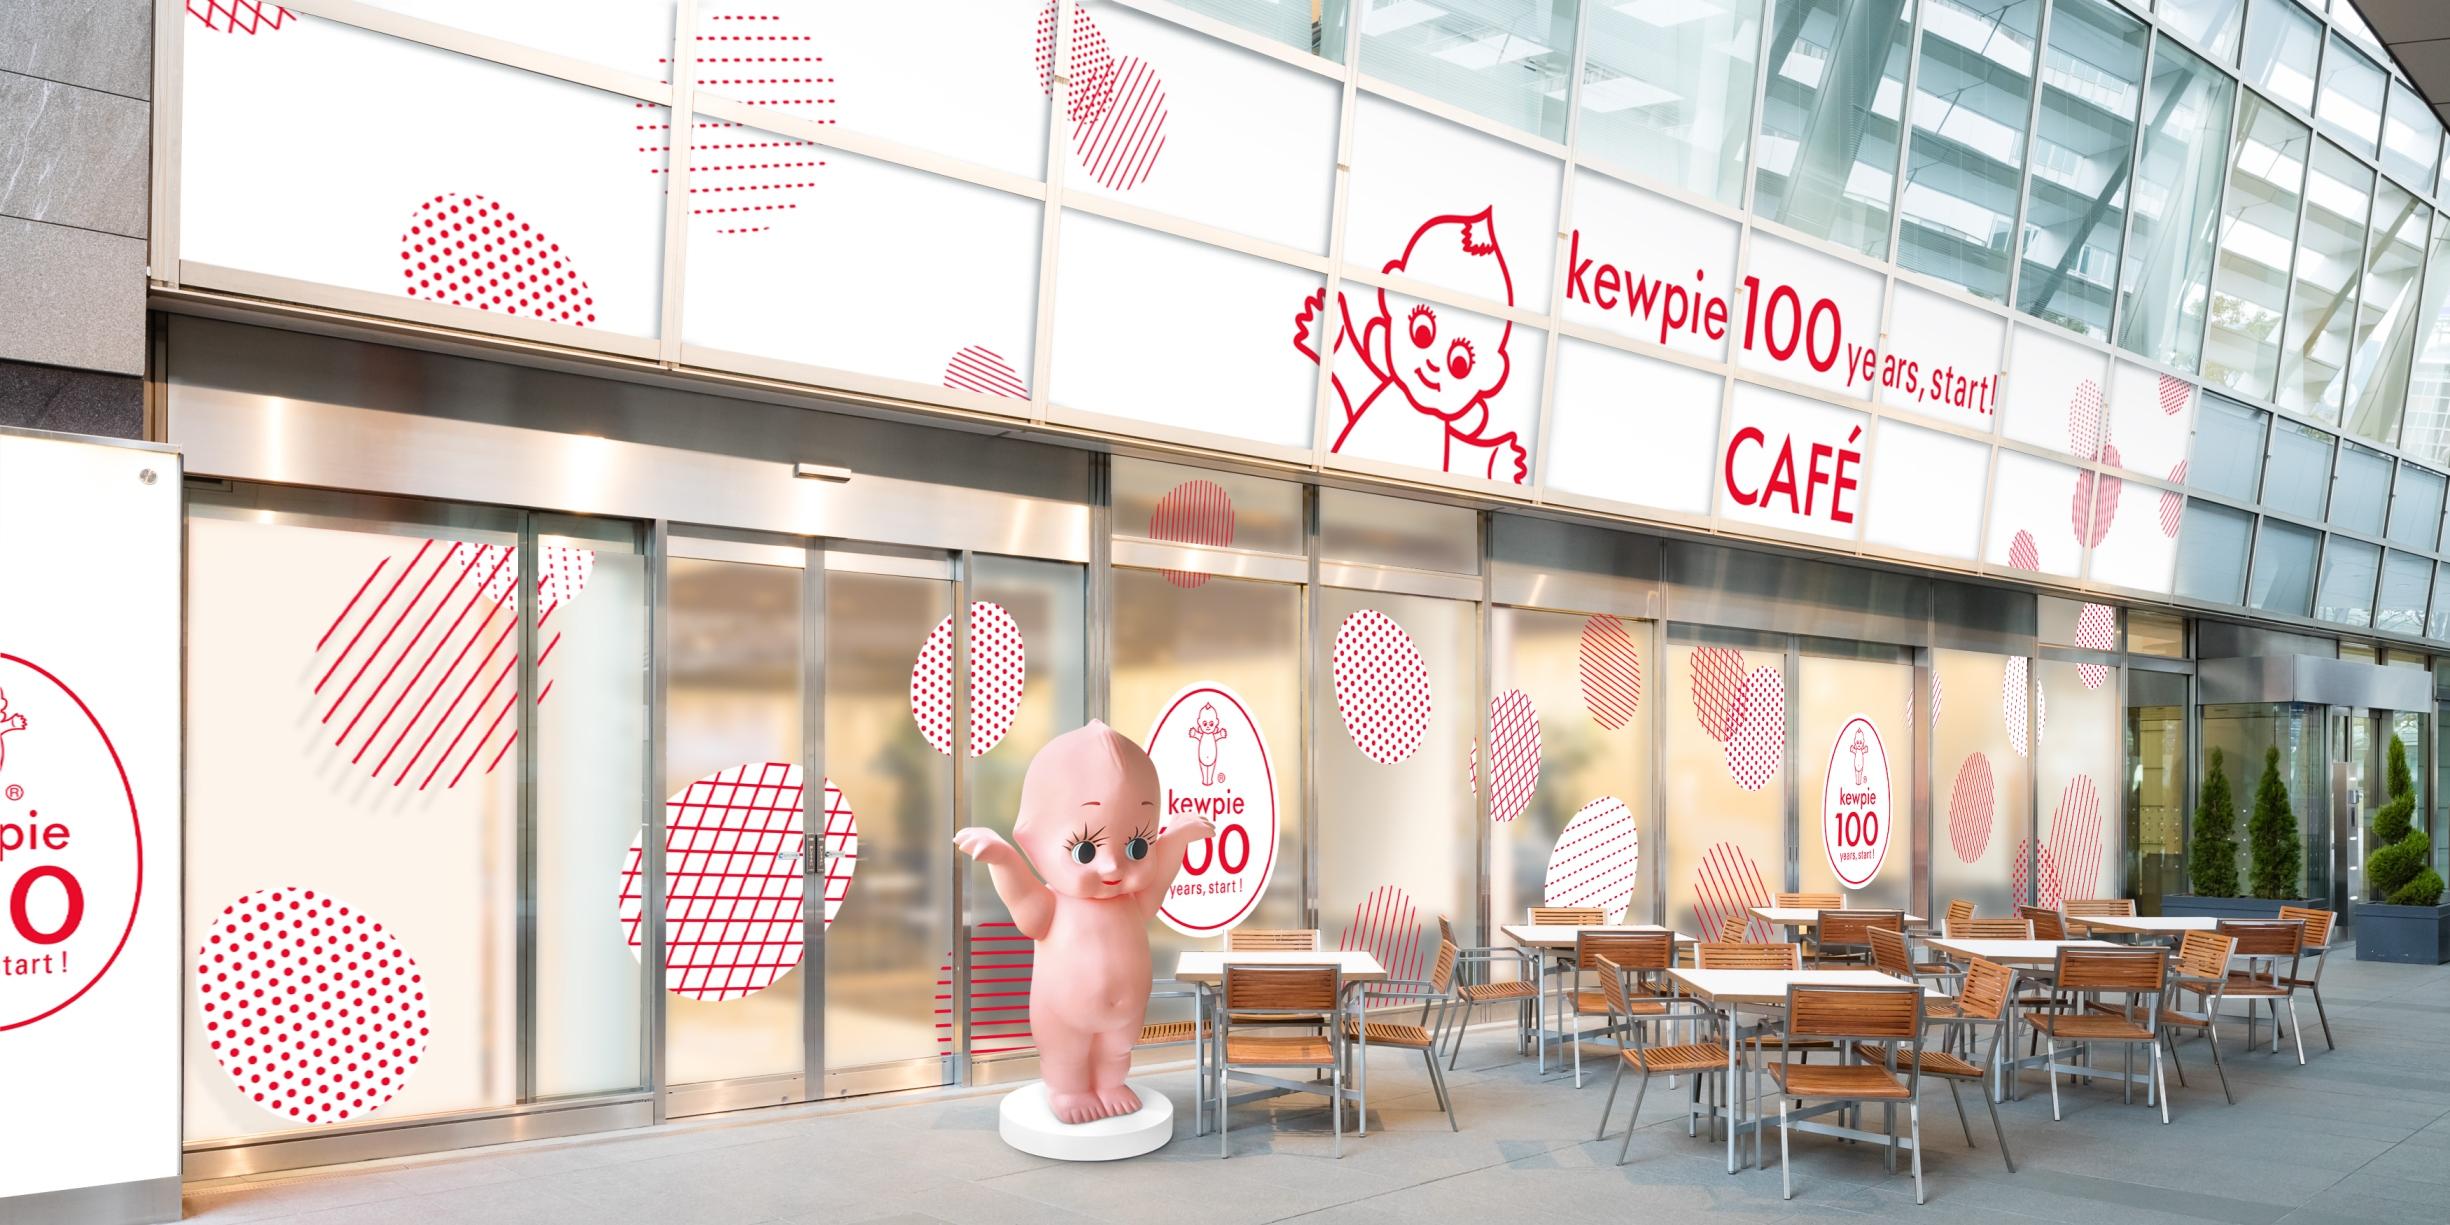 キユーピー創業100年記念カフェが、六本木ヒルズに期間限定オープン